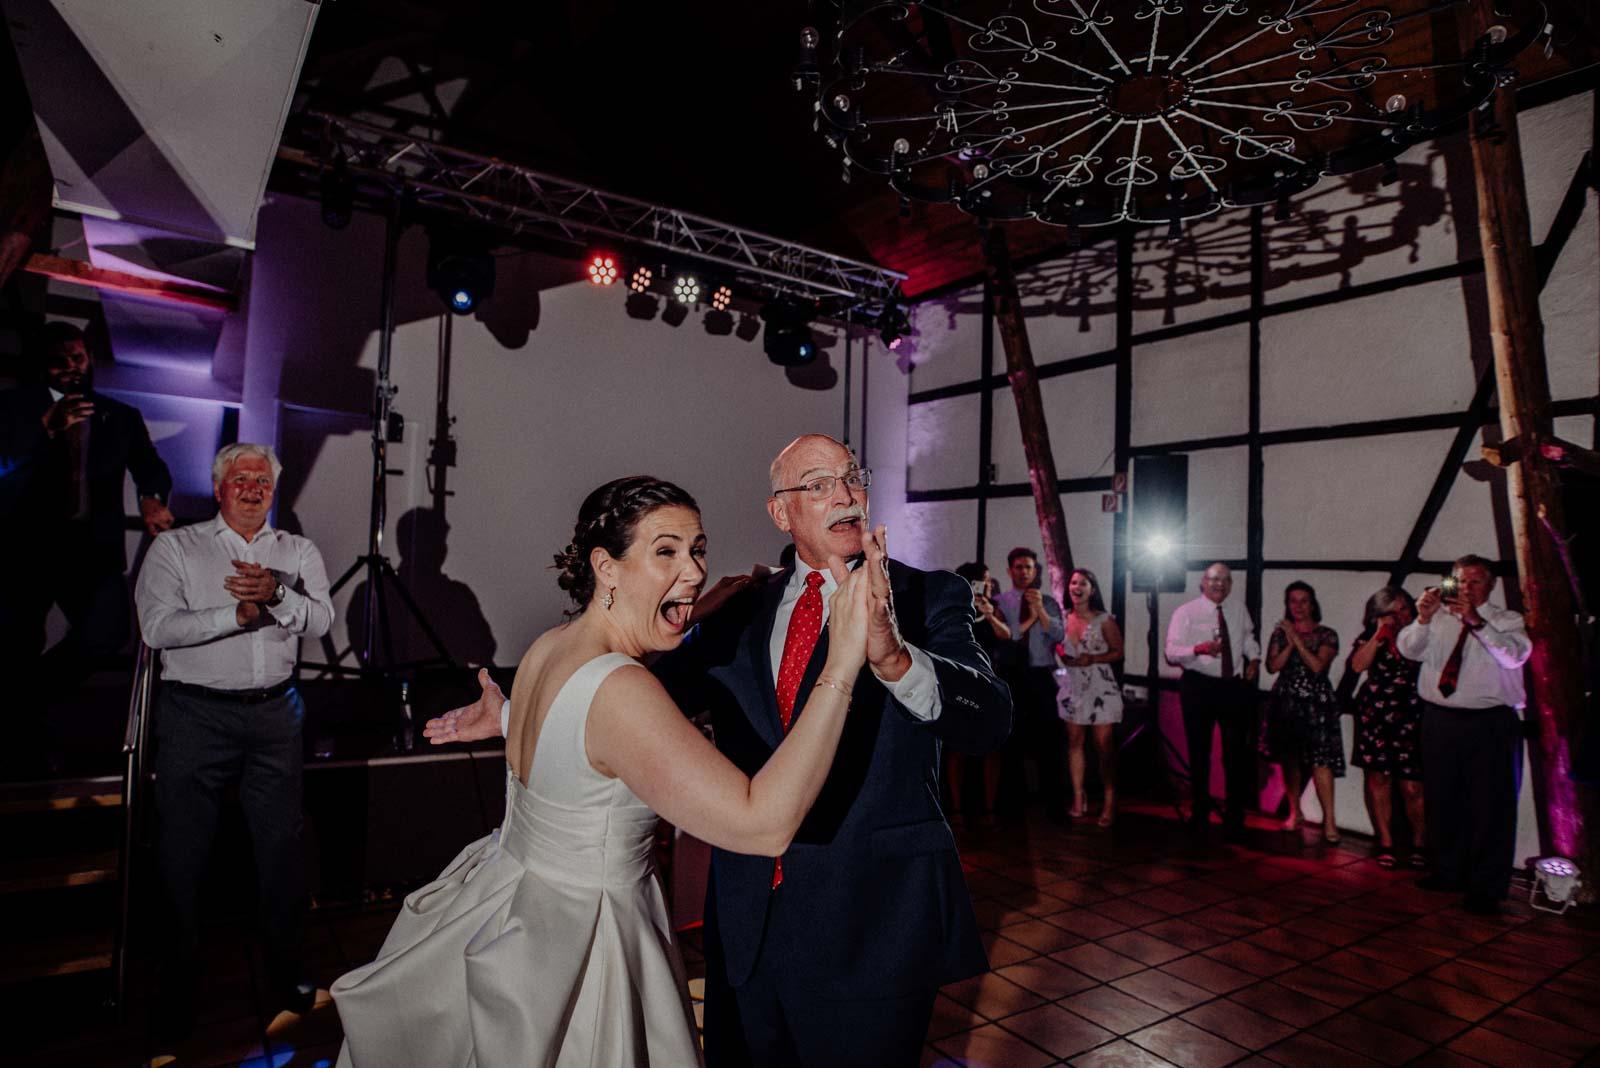 Vater Tochter Tanz am Abend der Hochzeit